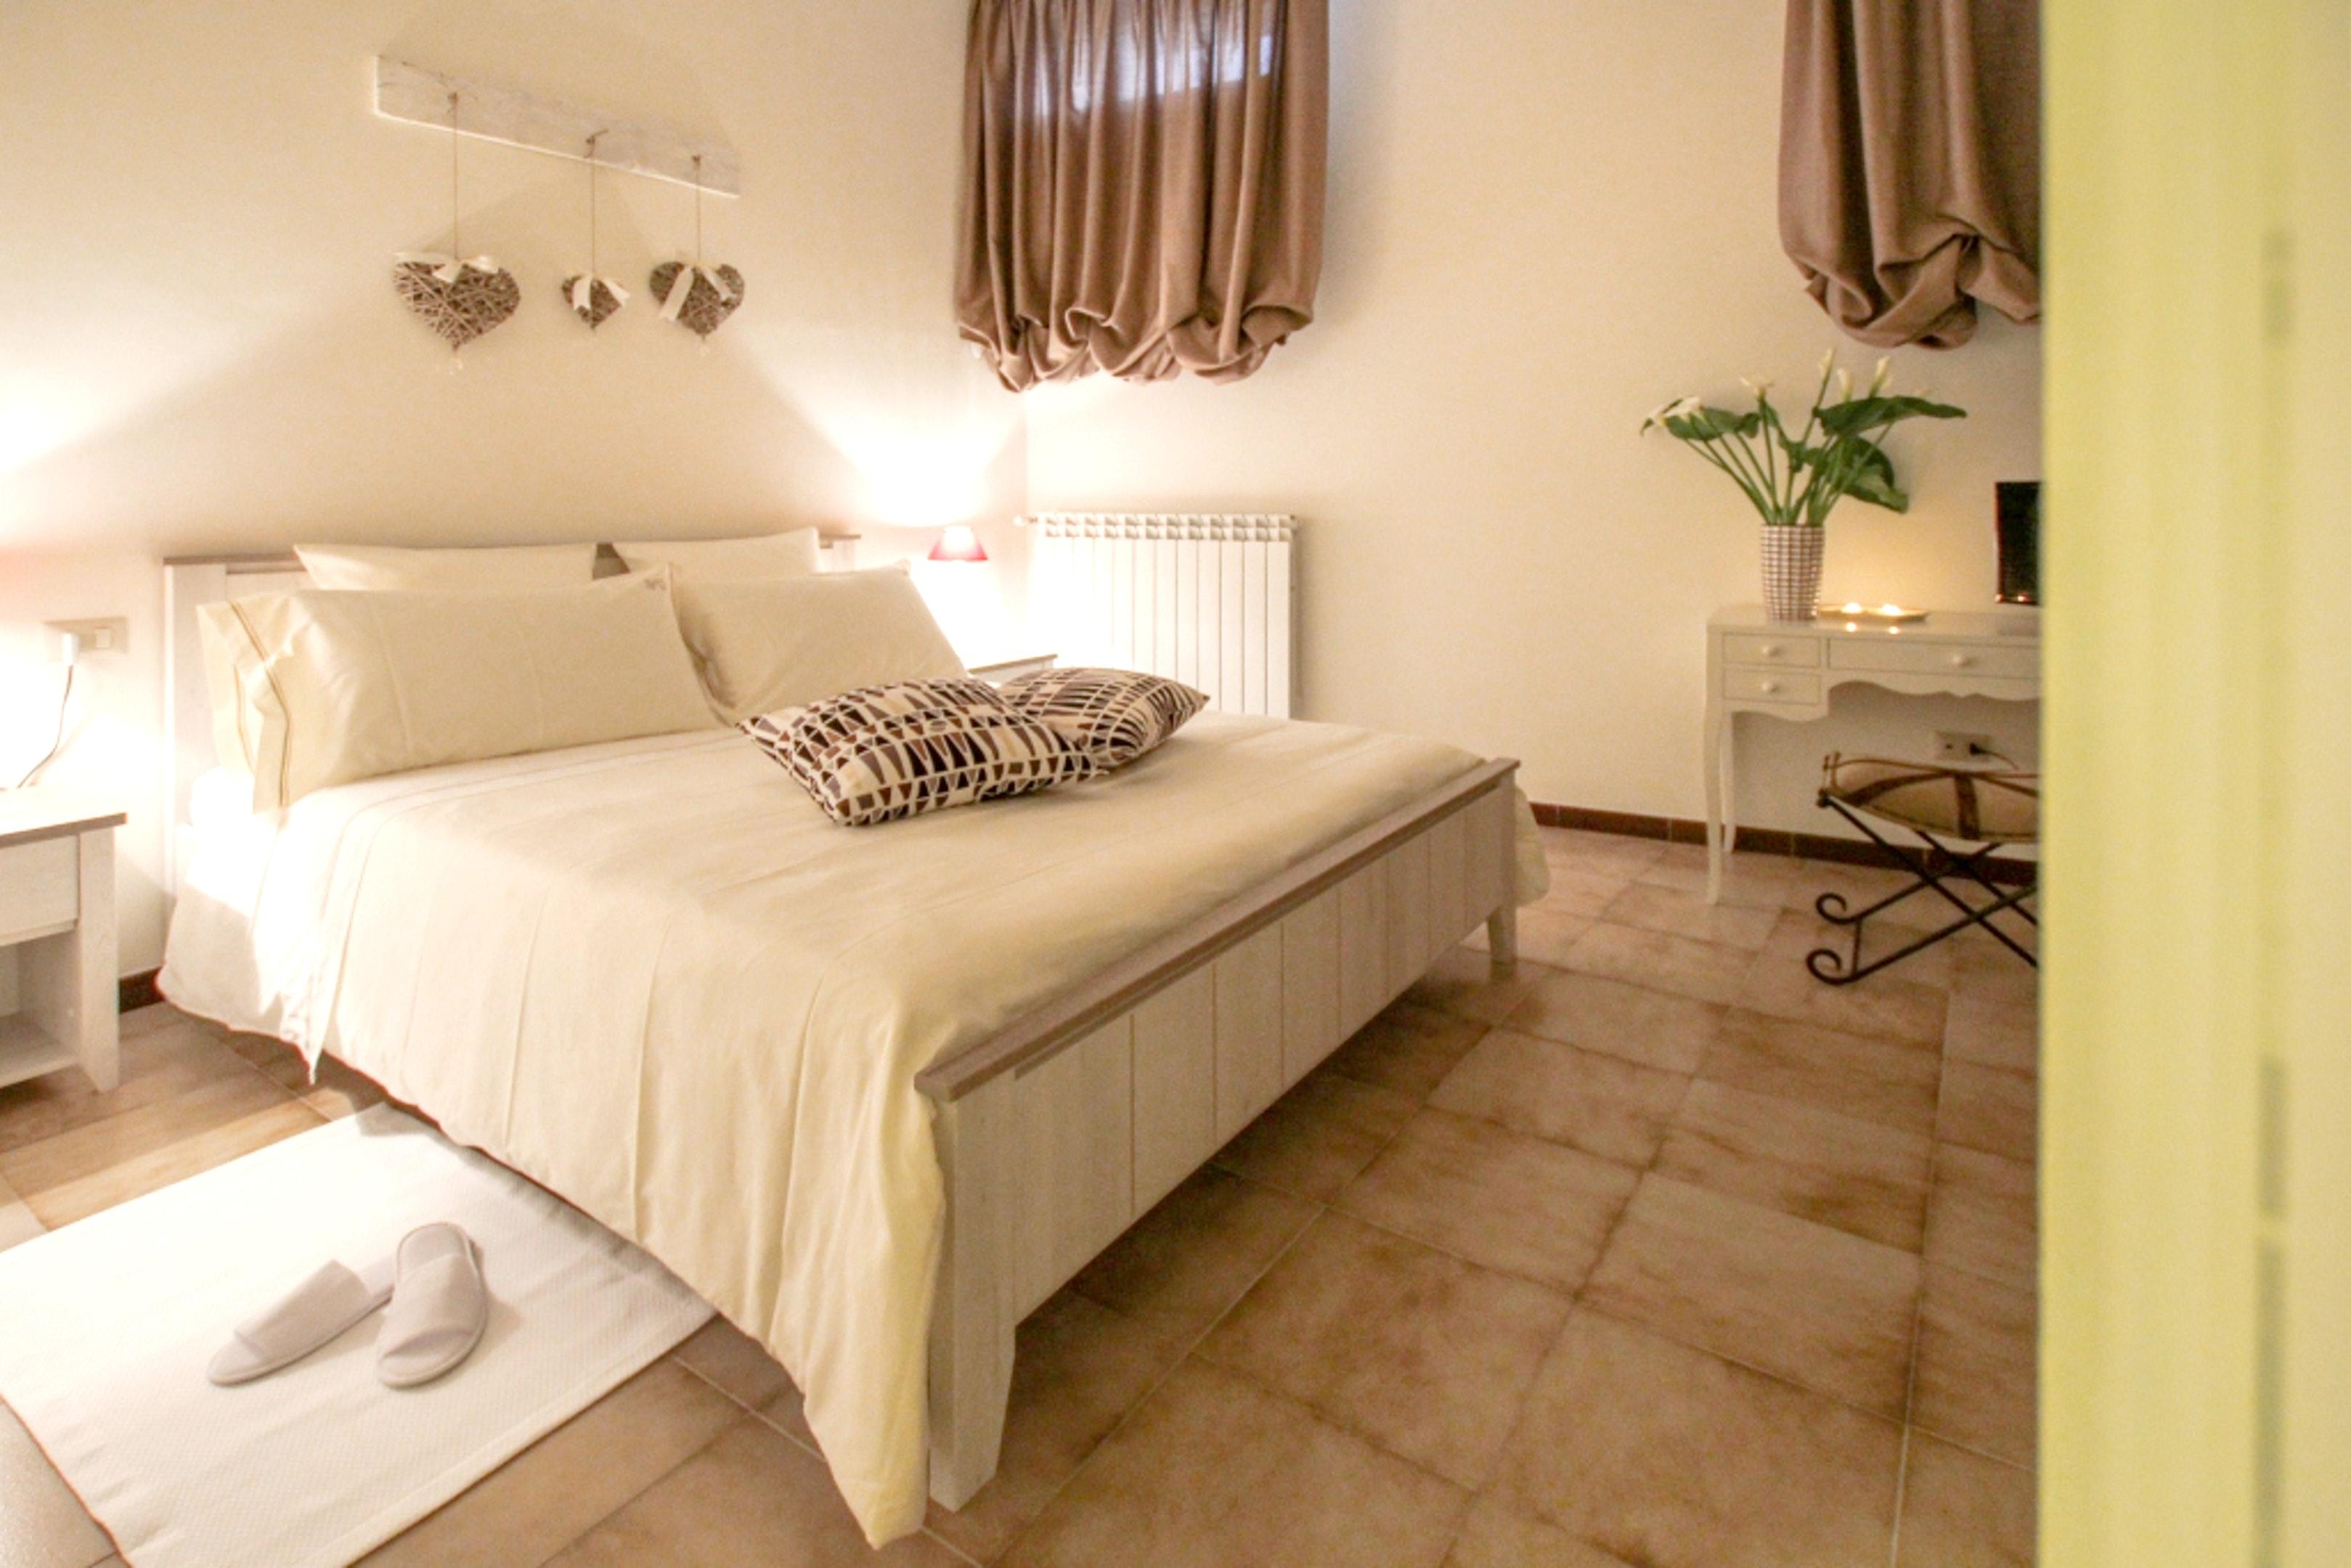 Ferienwohnung Wohnung mit 2 Schlafzimmern in Alberobello mit schöner Aussicht auf die Stadt und W-LAN -  (2201240), Alberobello, Bari, Apulien, Italien, Bild 16